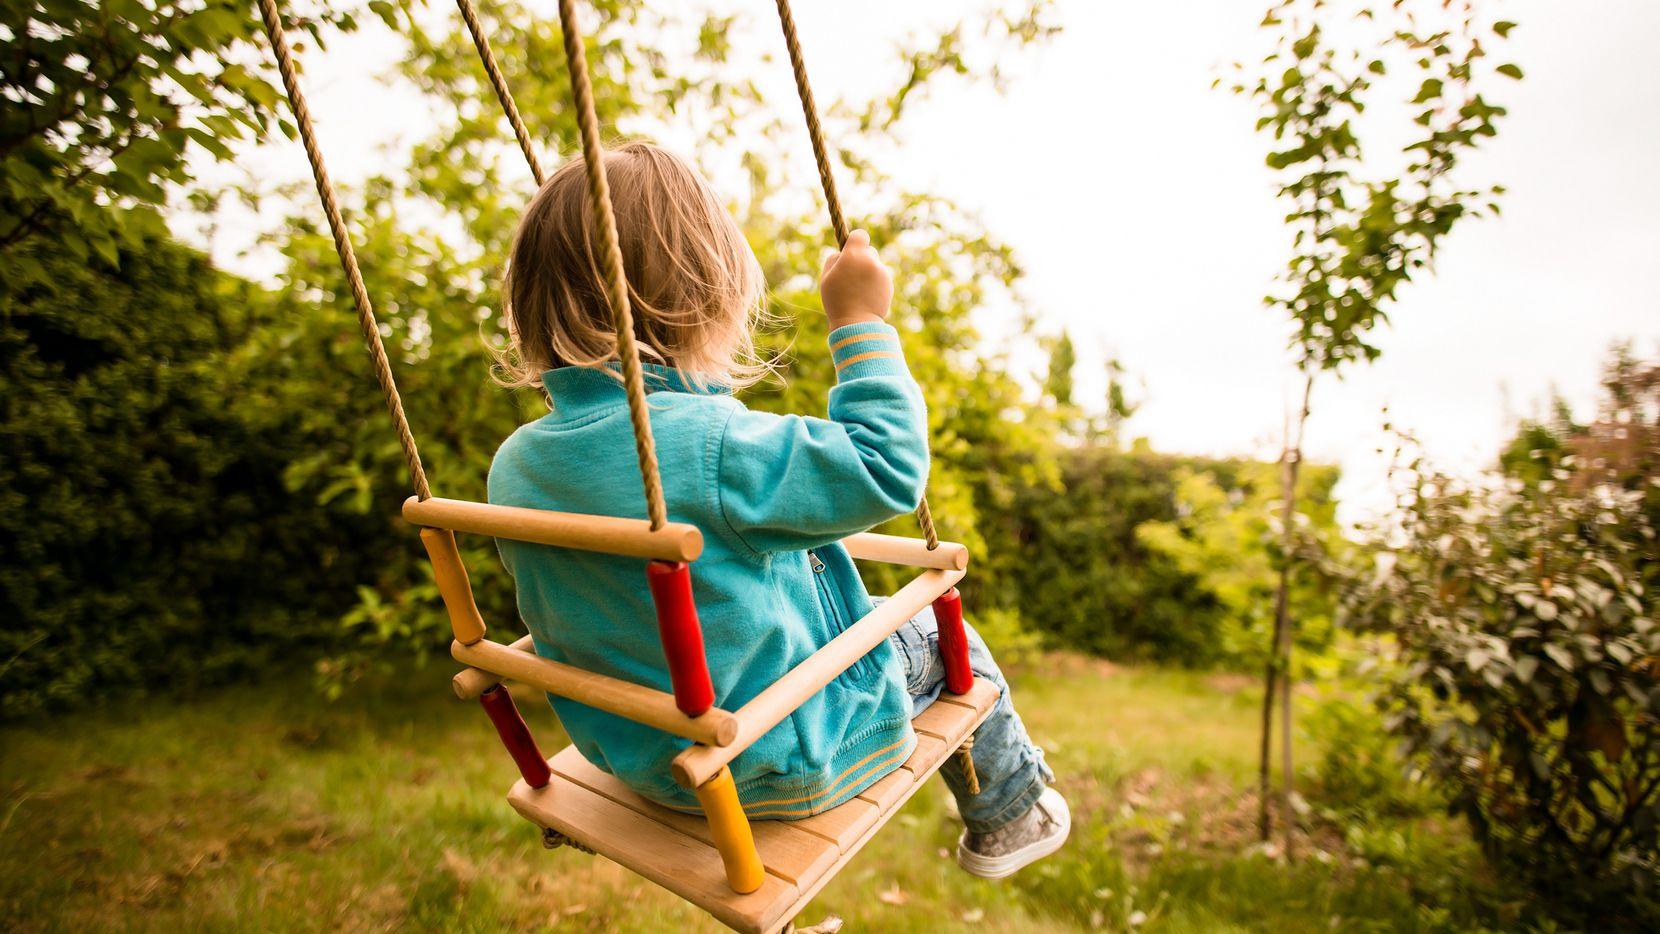 Child swinging on seesaw in backyard